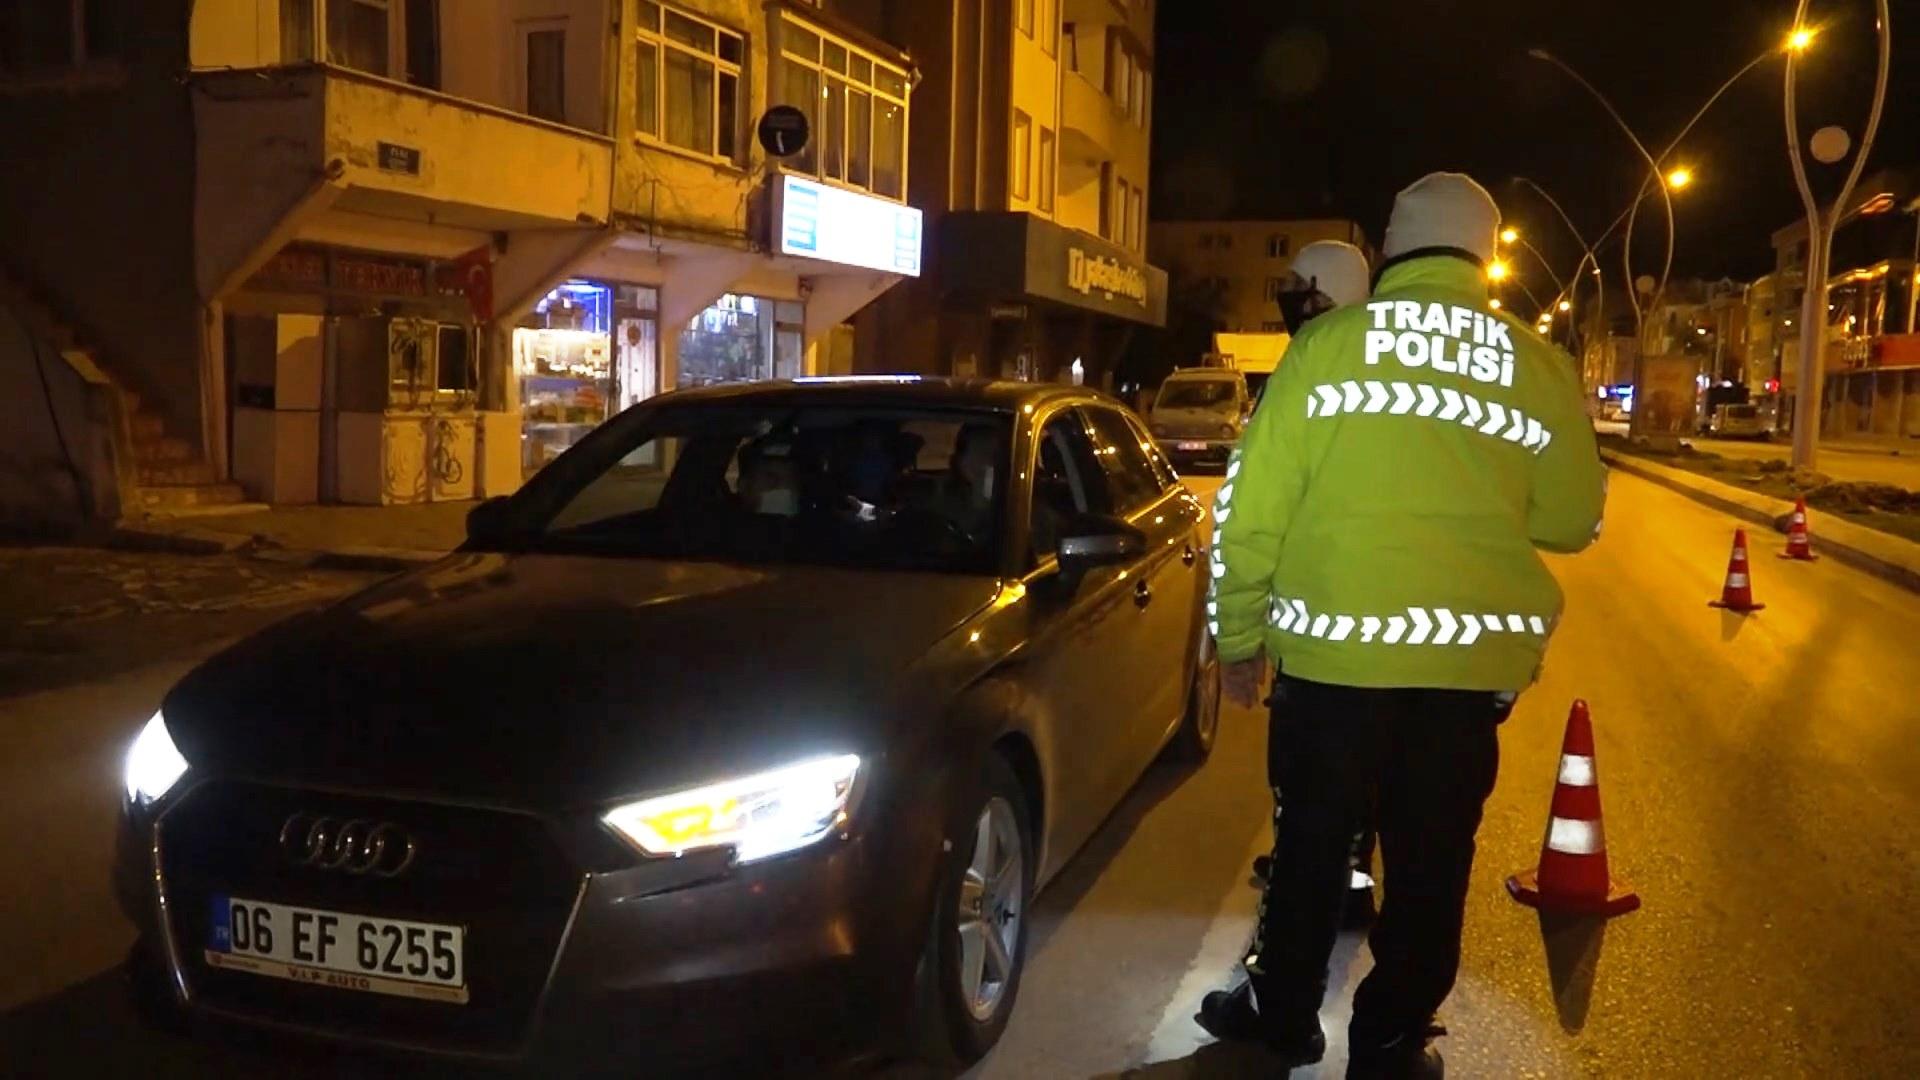 Kısıtlamayı ihlal edip, polislere sinirlenen sürücü: Yaz kardeşim